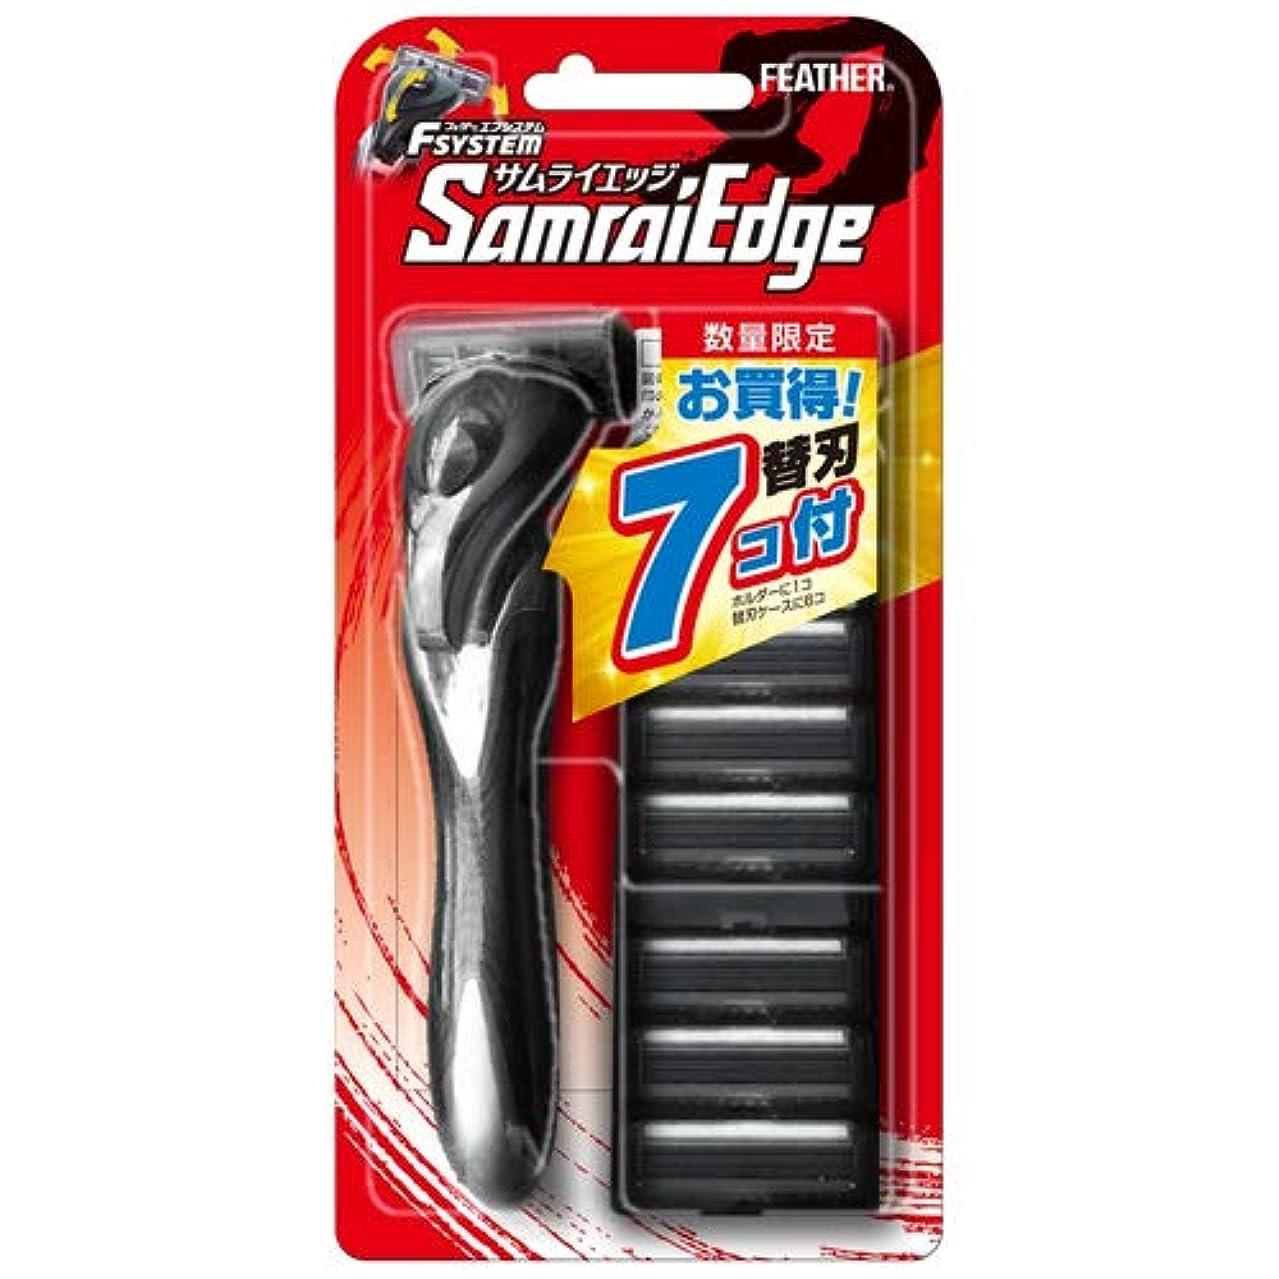 フェザー安全剃刀 サムライエッジ 替刃 7コ付き バリューパック セット 1本+替刃7個